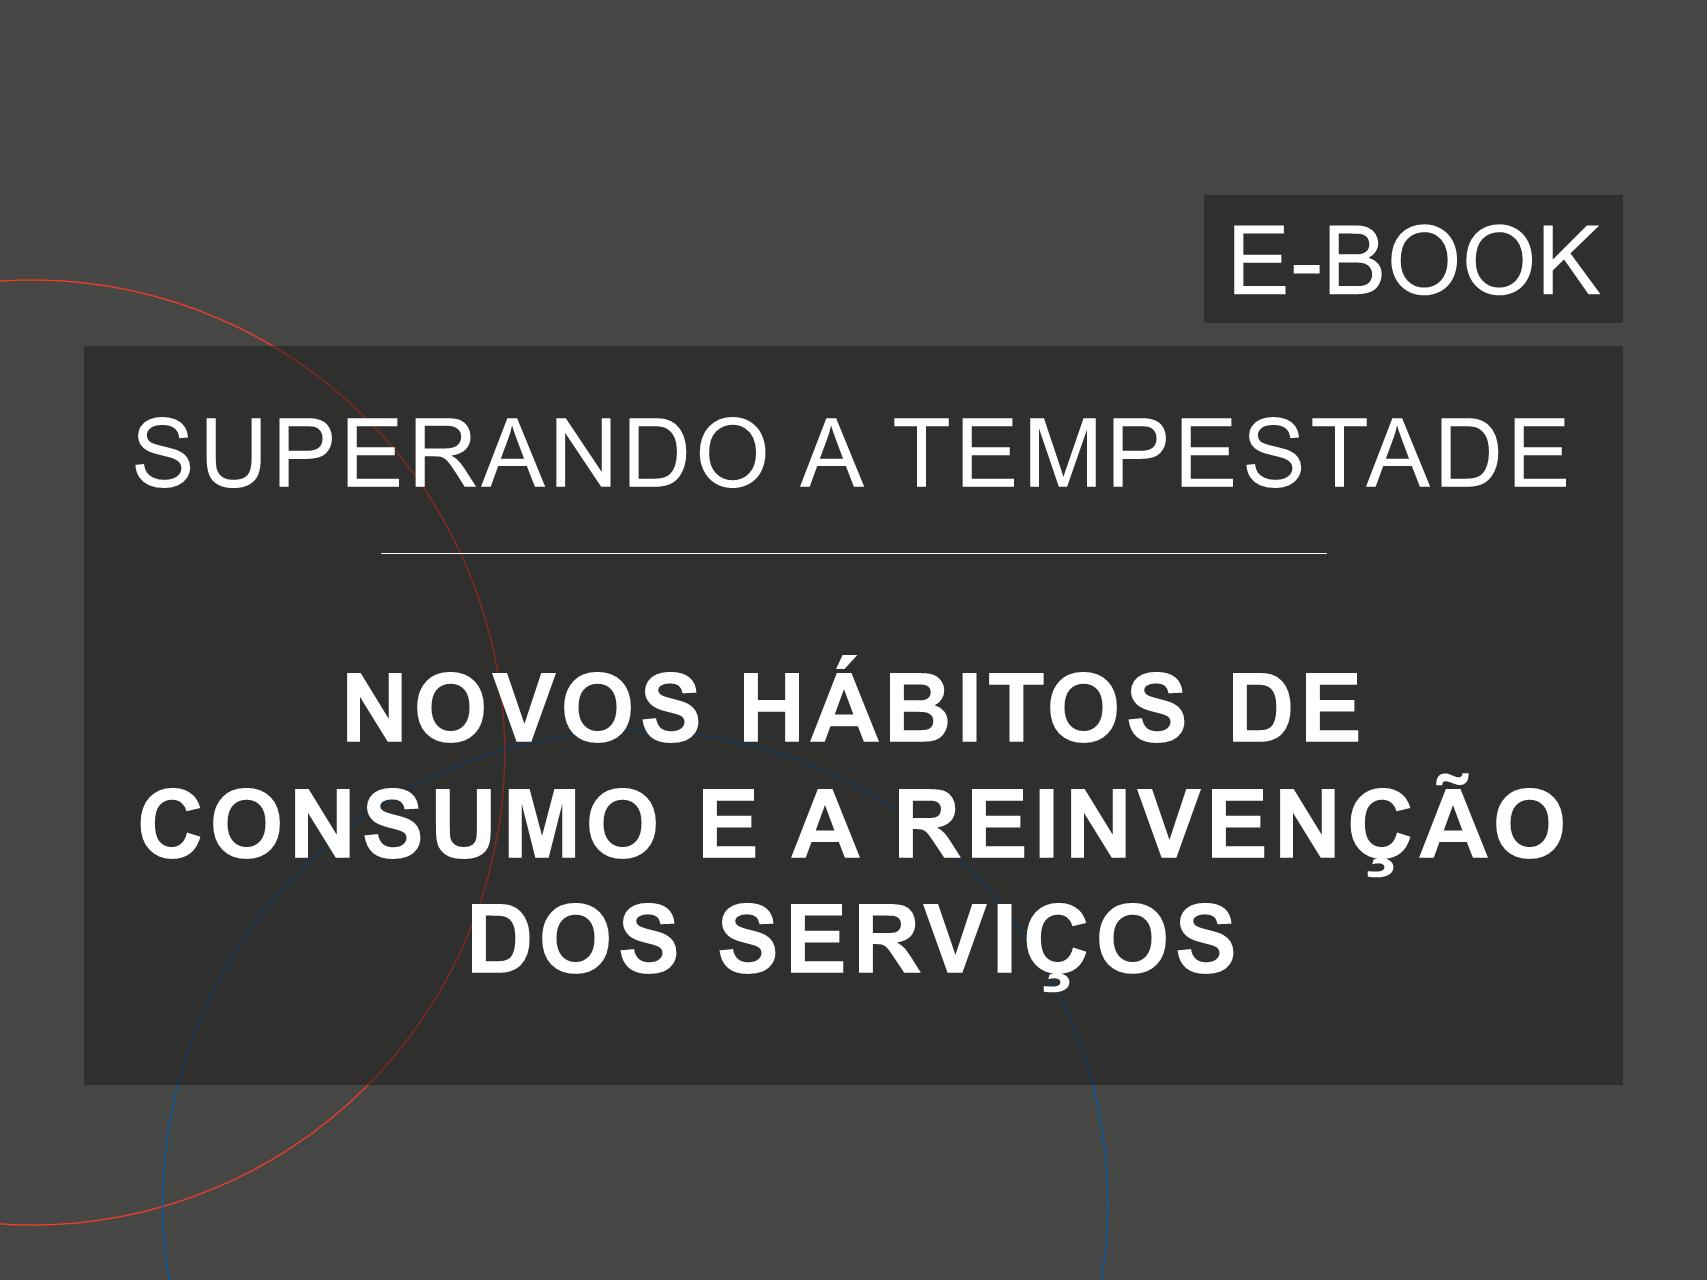 Capa do e-Book da série 'Superando a Tempestade', da Cosin Consulting, sobre 'Novos Hábitos de Consumo e a Reinvenção dos Serviços'